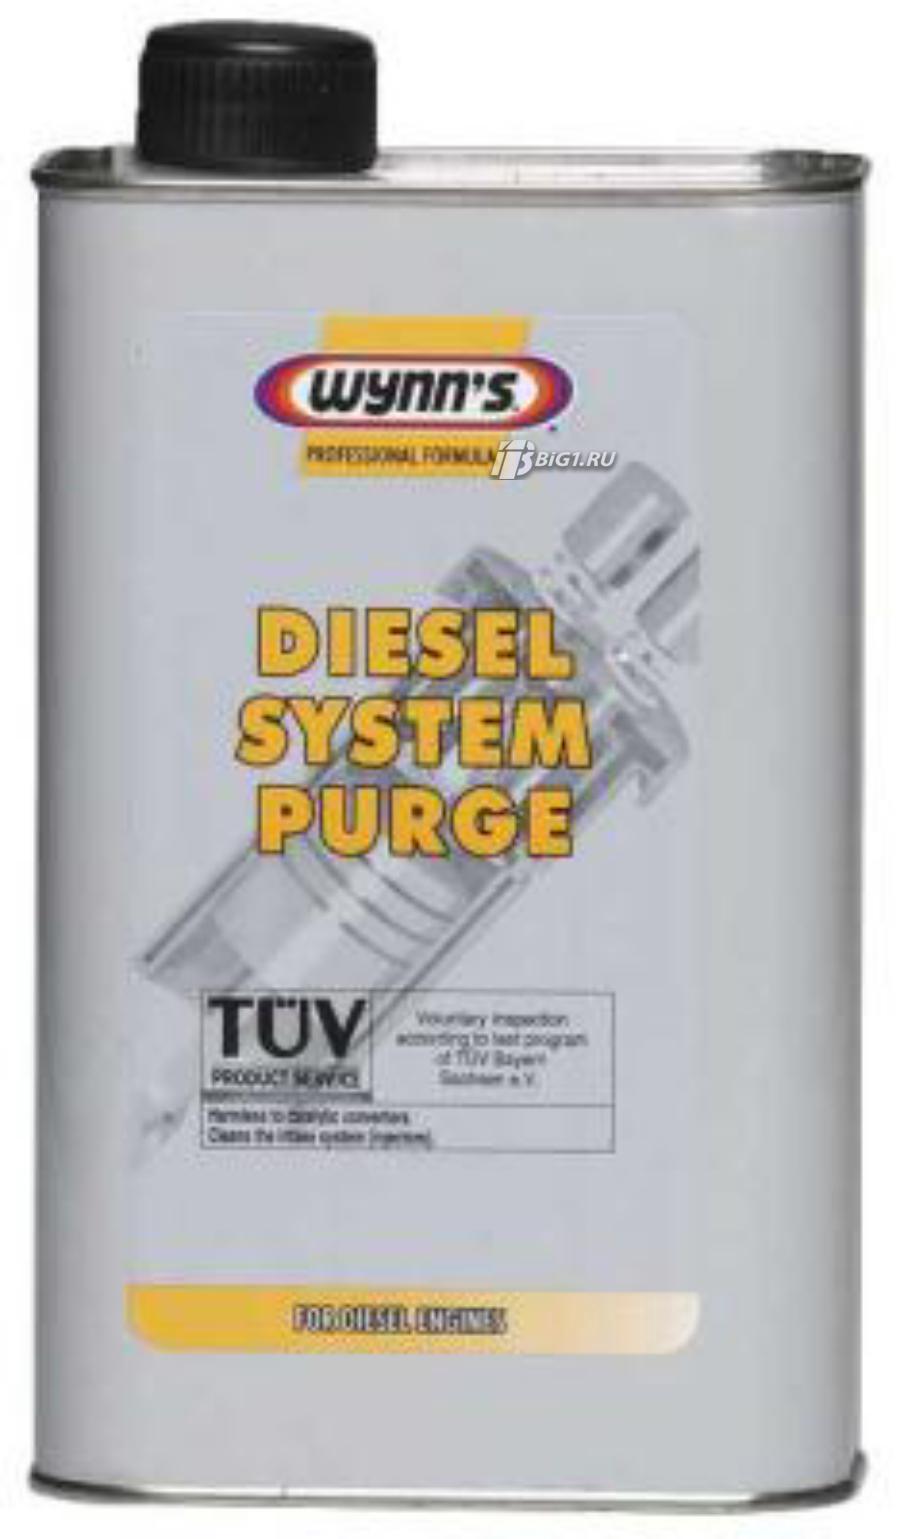 Wynn's Жидкость очиститель инжектора дизель